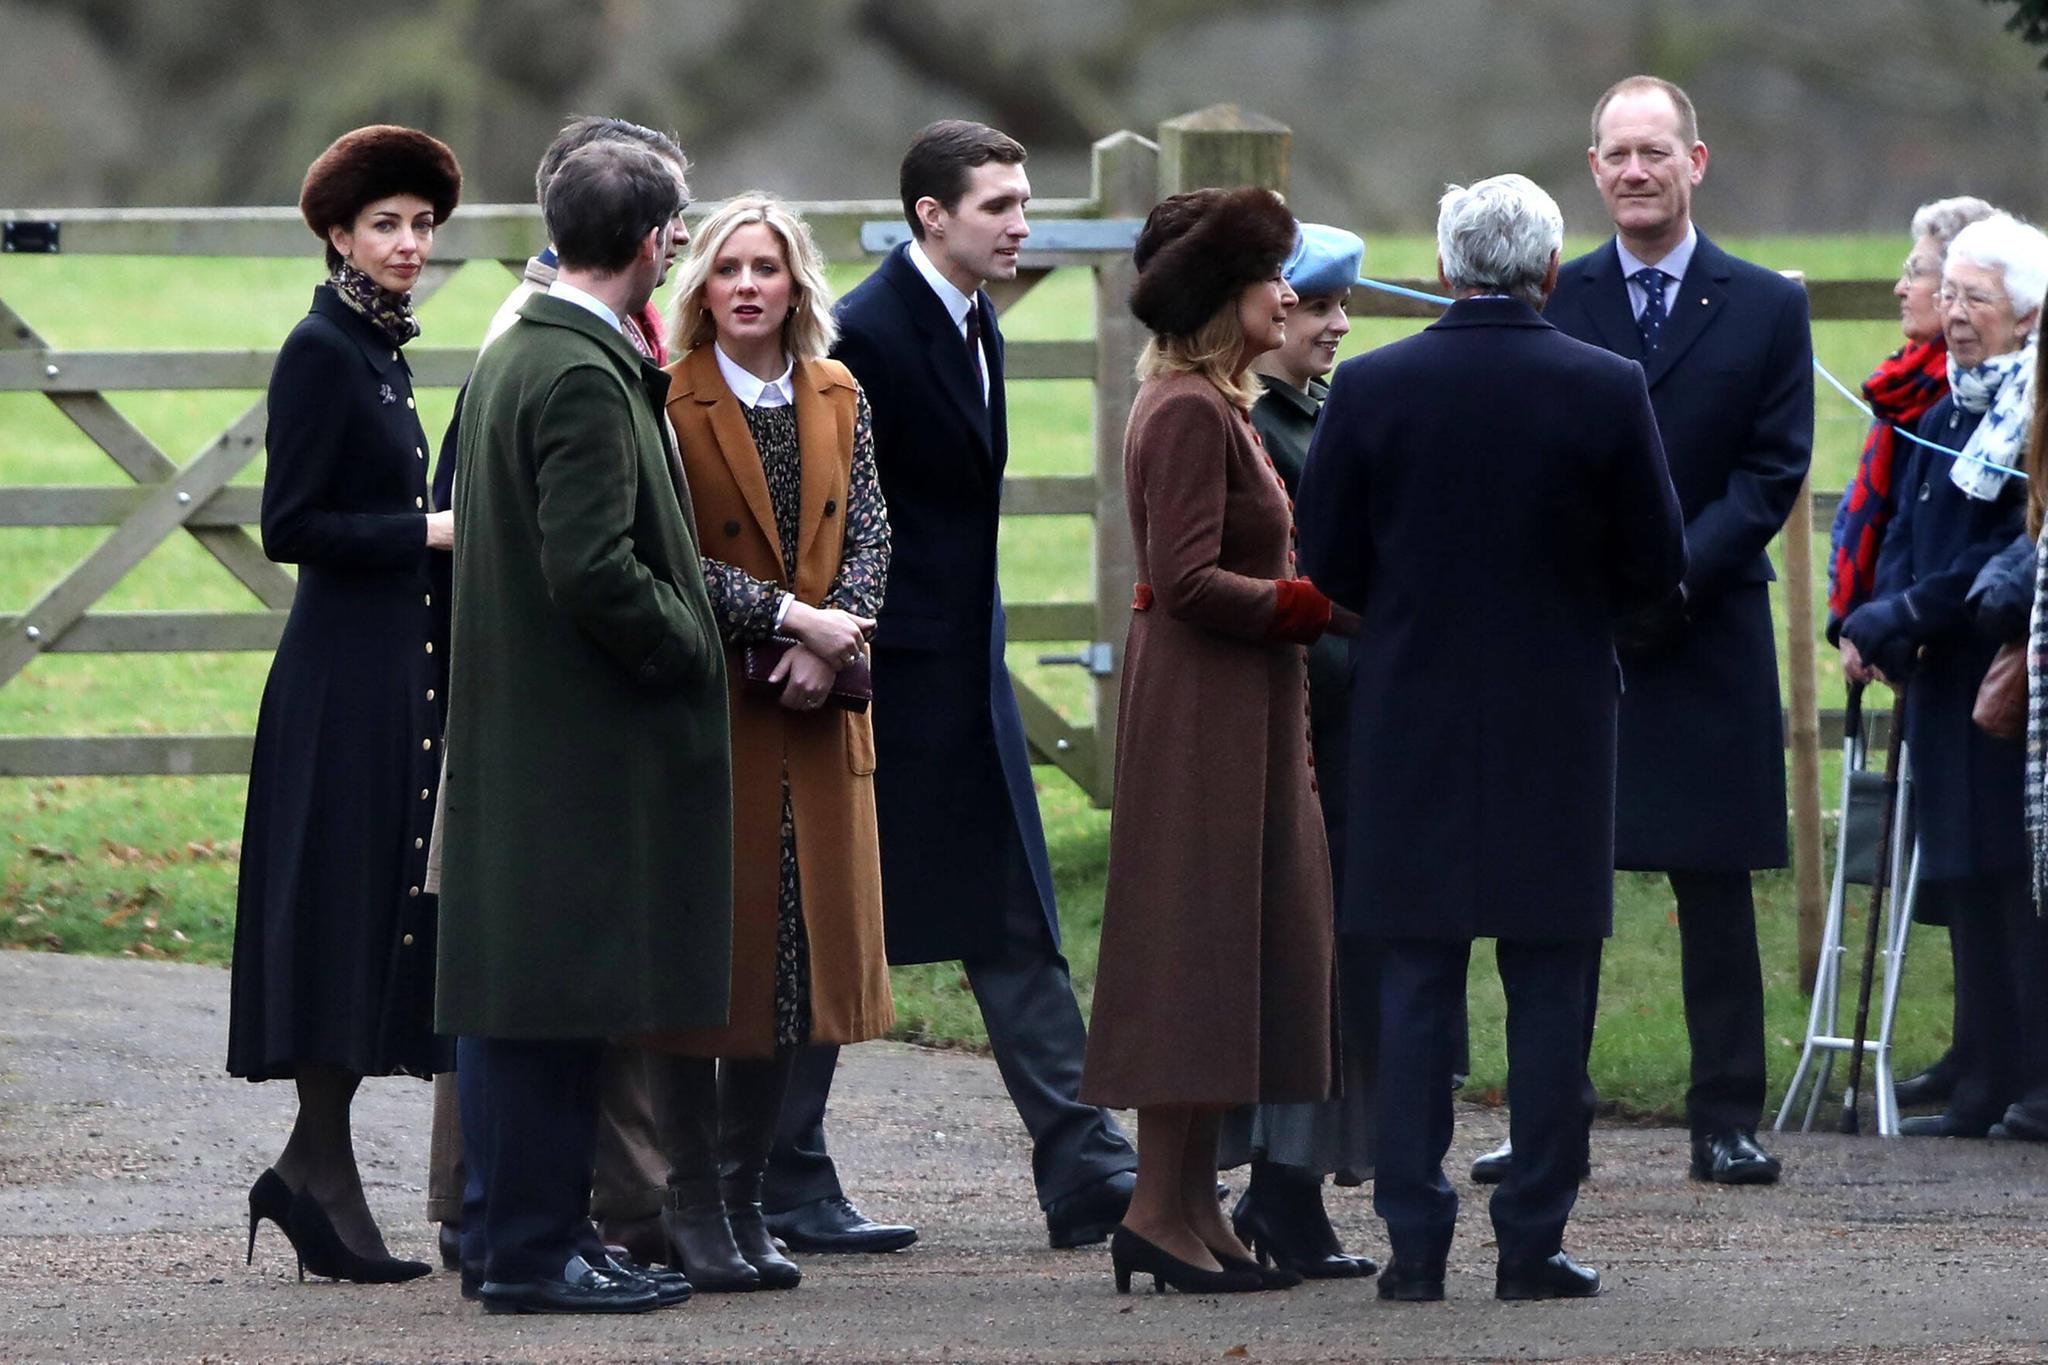 Rose Hanbury (ganz linksim Bild) besucht ebenfalls den Gottesdienst. Ein paar Schritte weiter stehen Kates Eltern Carole (brauner Mantel, Fellmütze) und Michael Middleton (mit dem Rücken zum Fotografen).